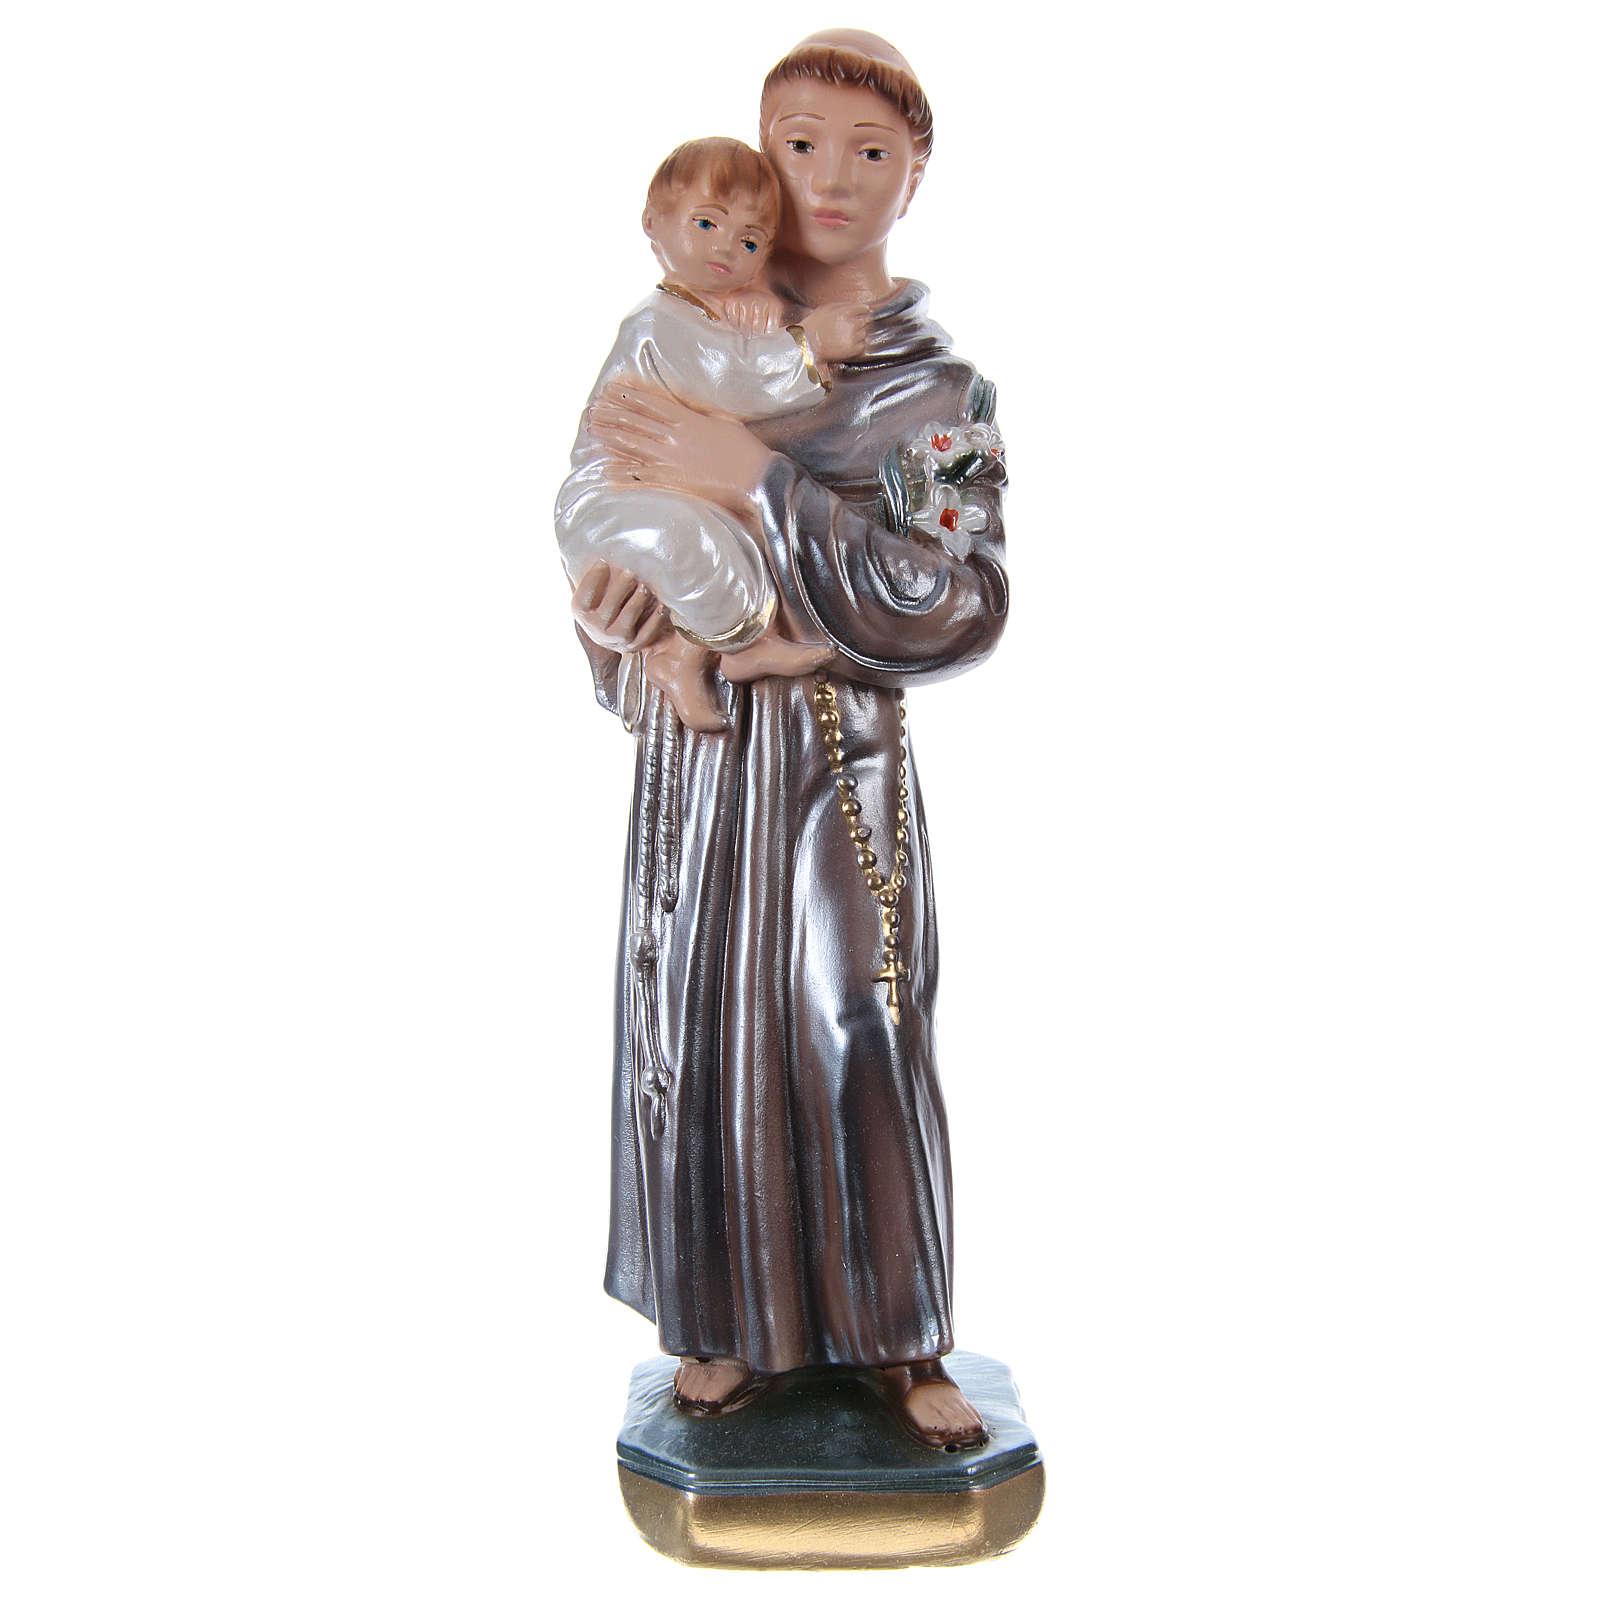 Sant'Antonio 20 cm gesso madreperlato 4